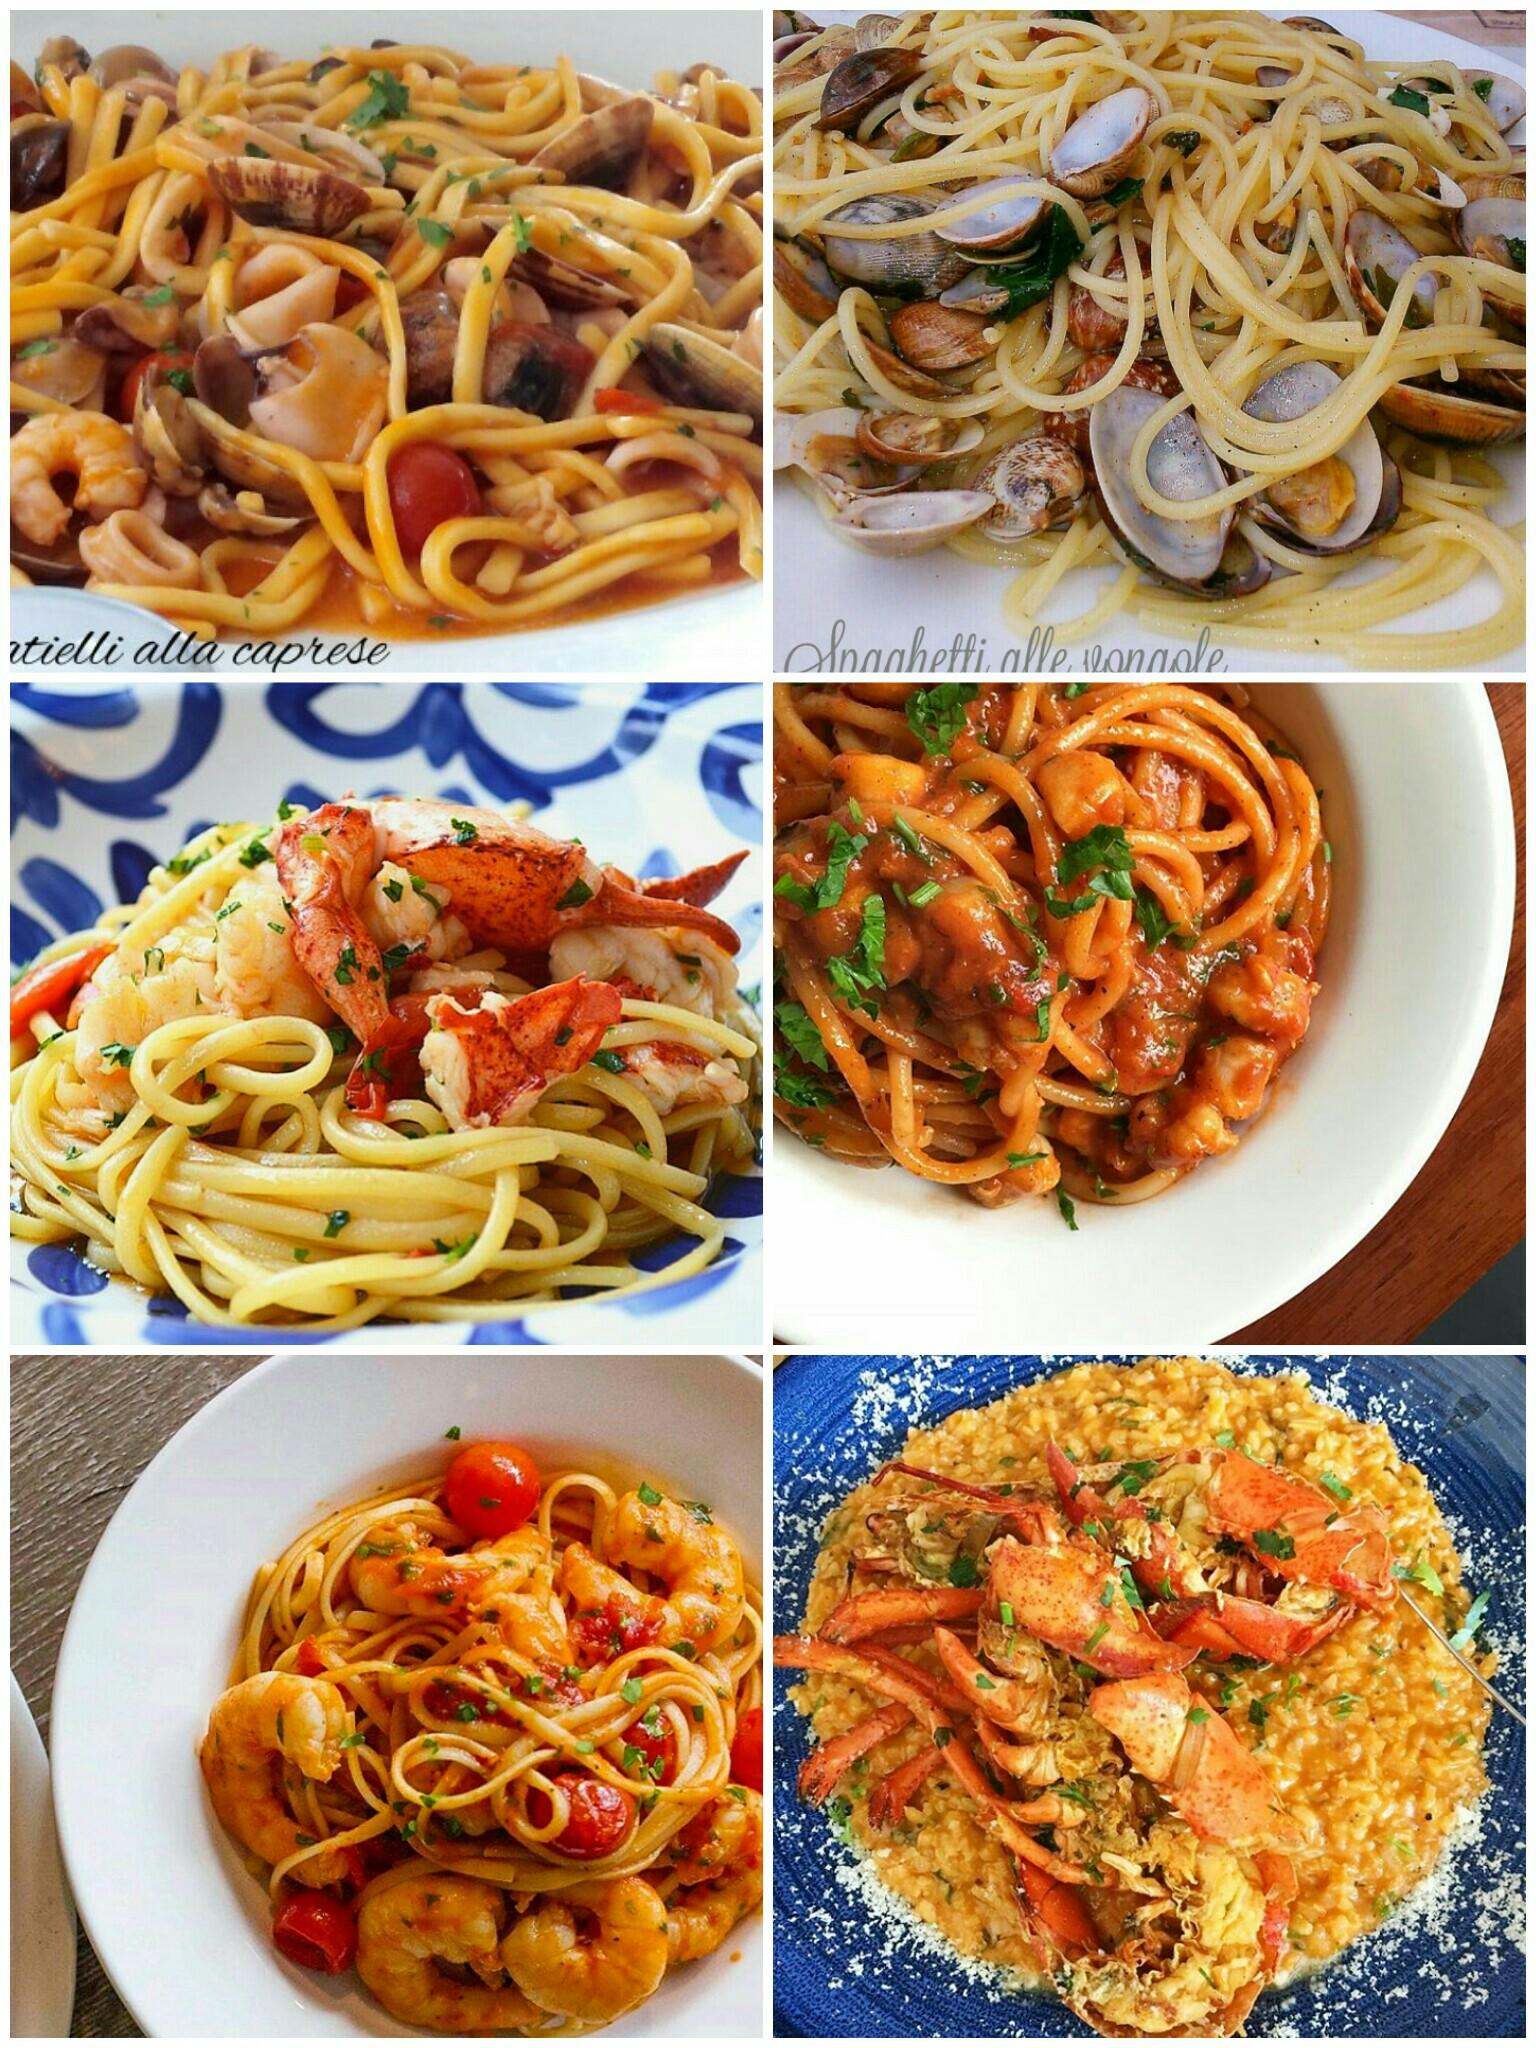 Ricette cinesi a base di pesce ricette casalinghe popolari for Ricette cinesi